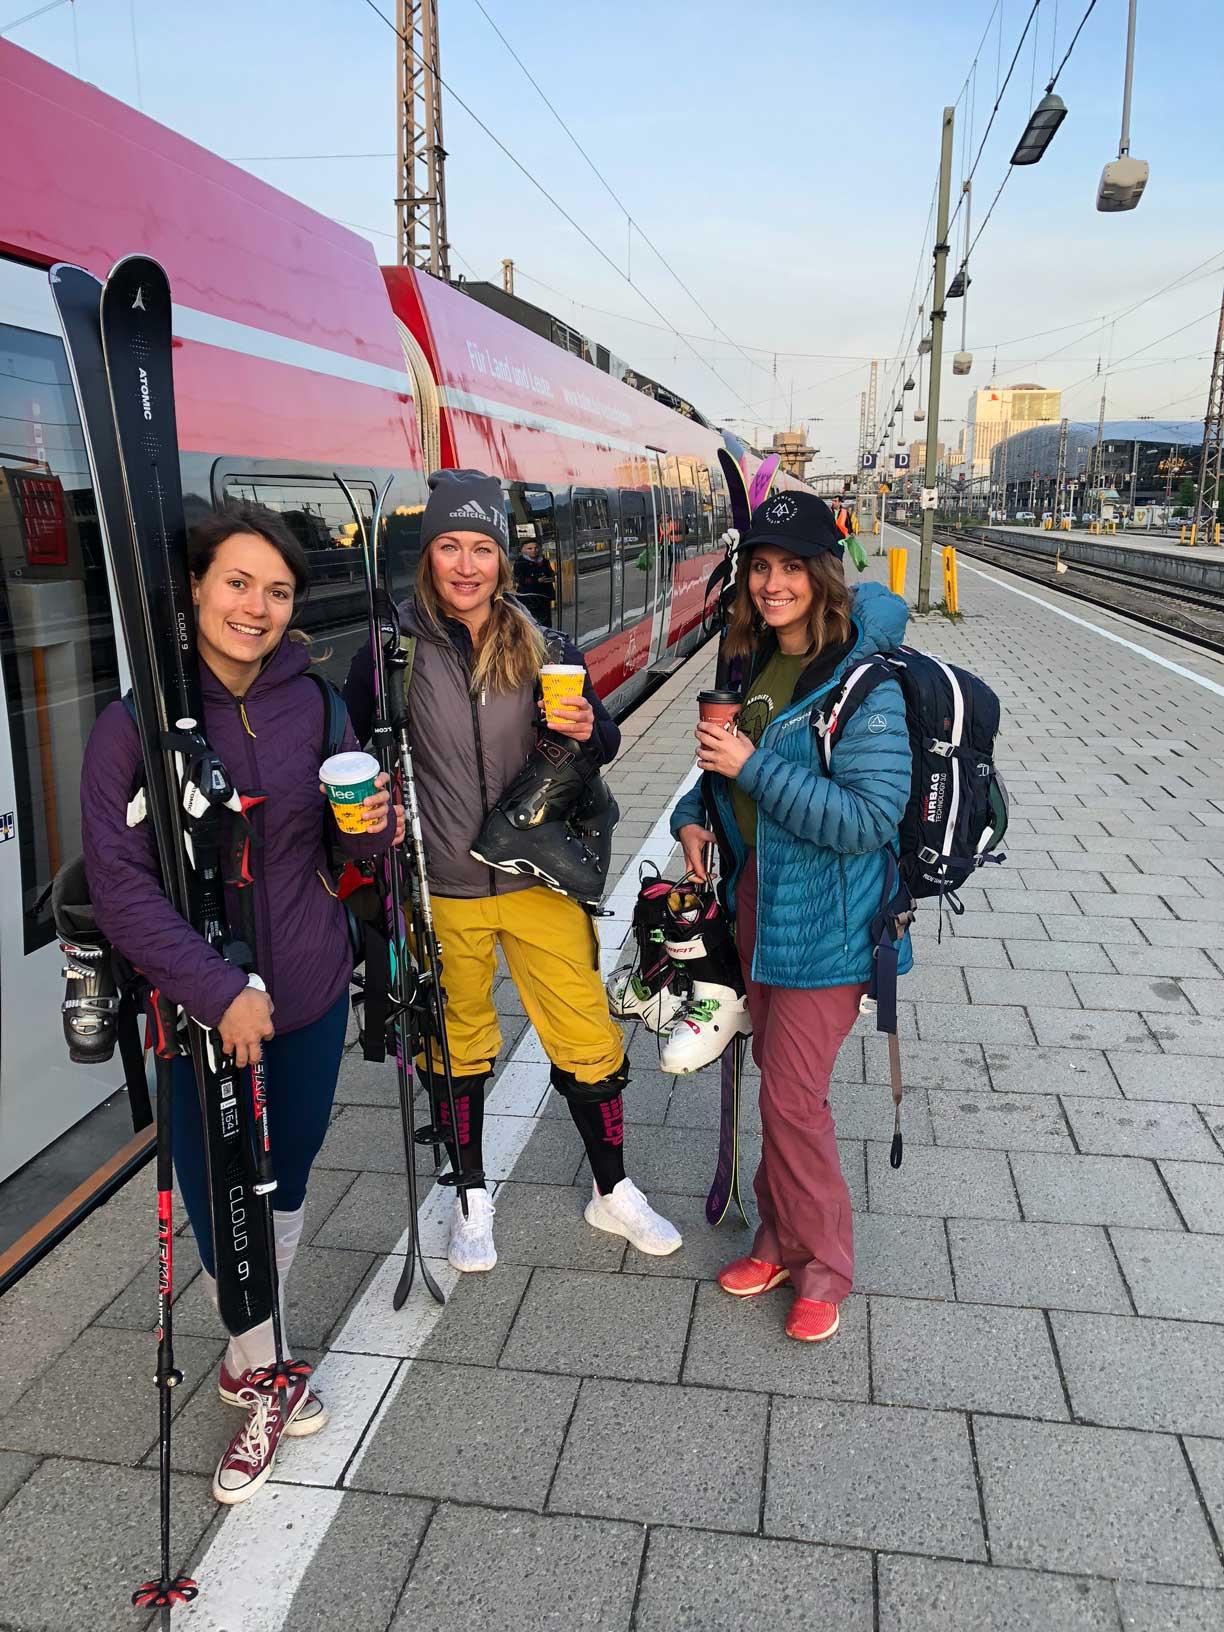 mit-der-bahn-zum-skifahren-los-munichmountaingirls